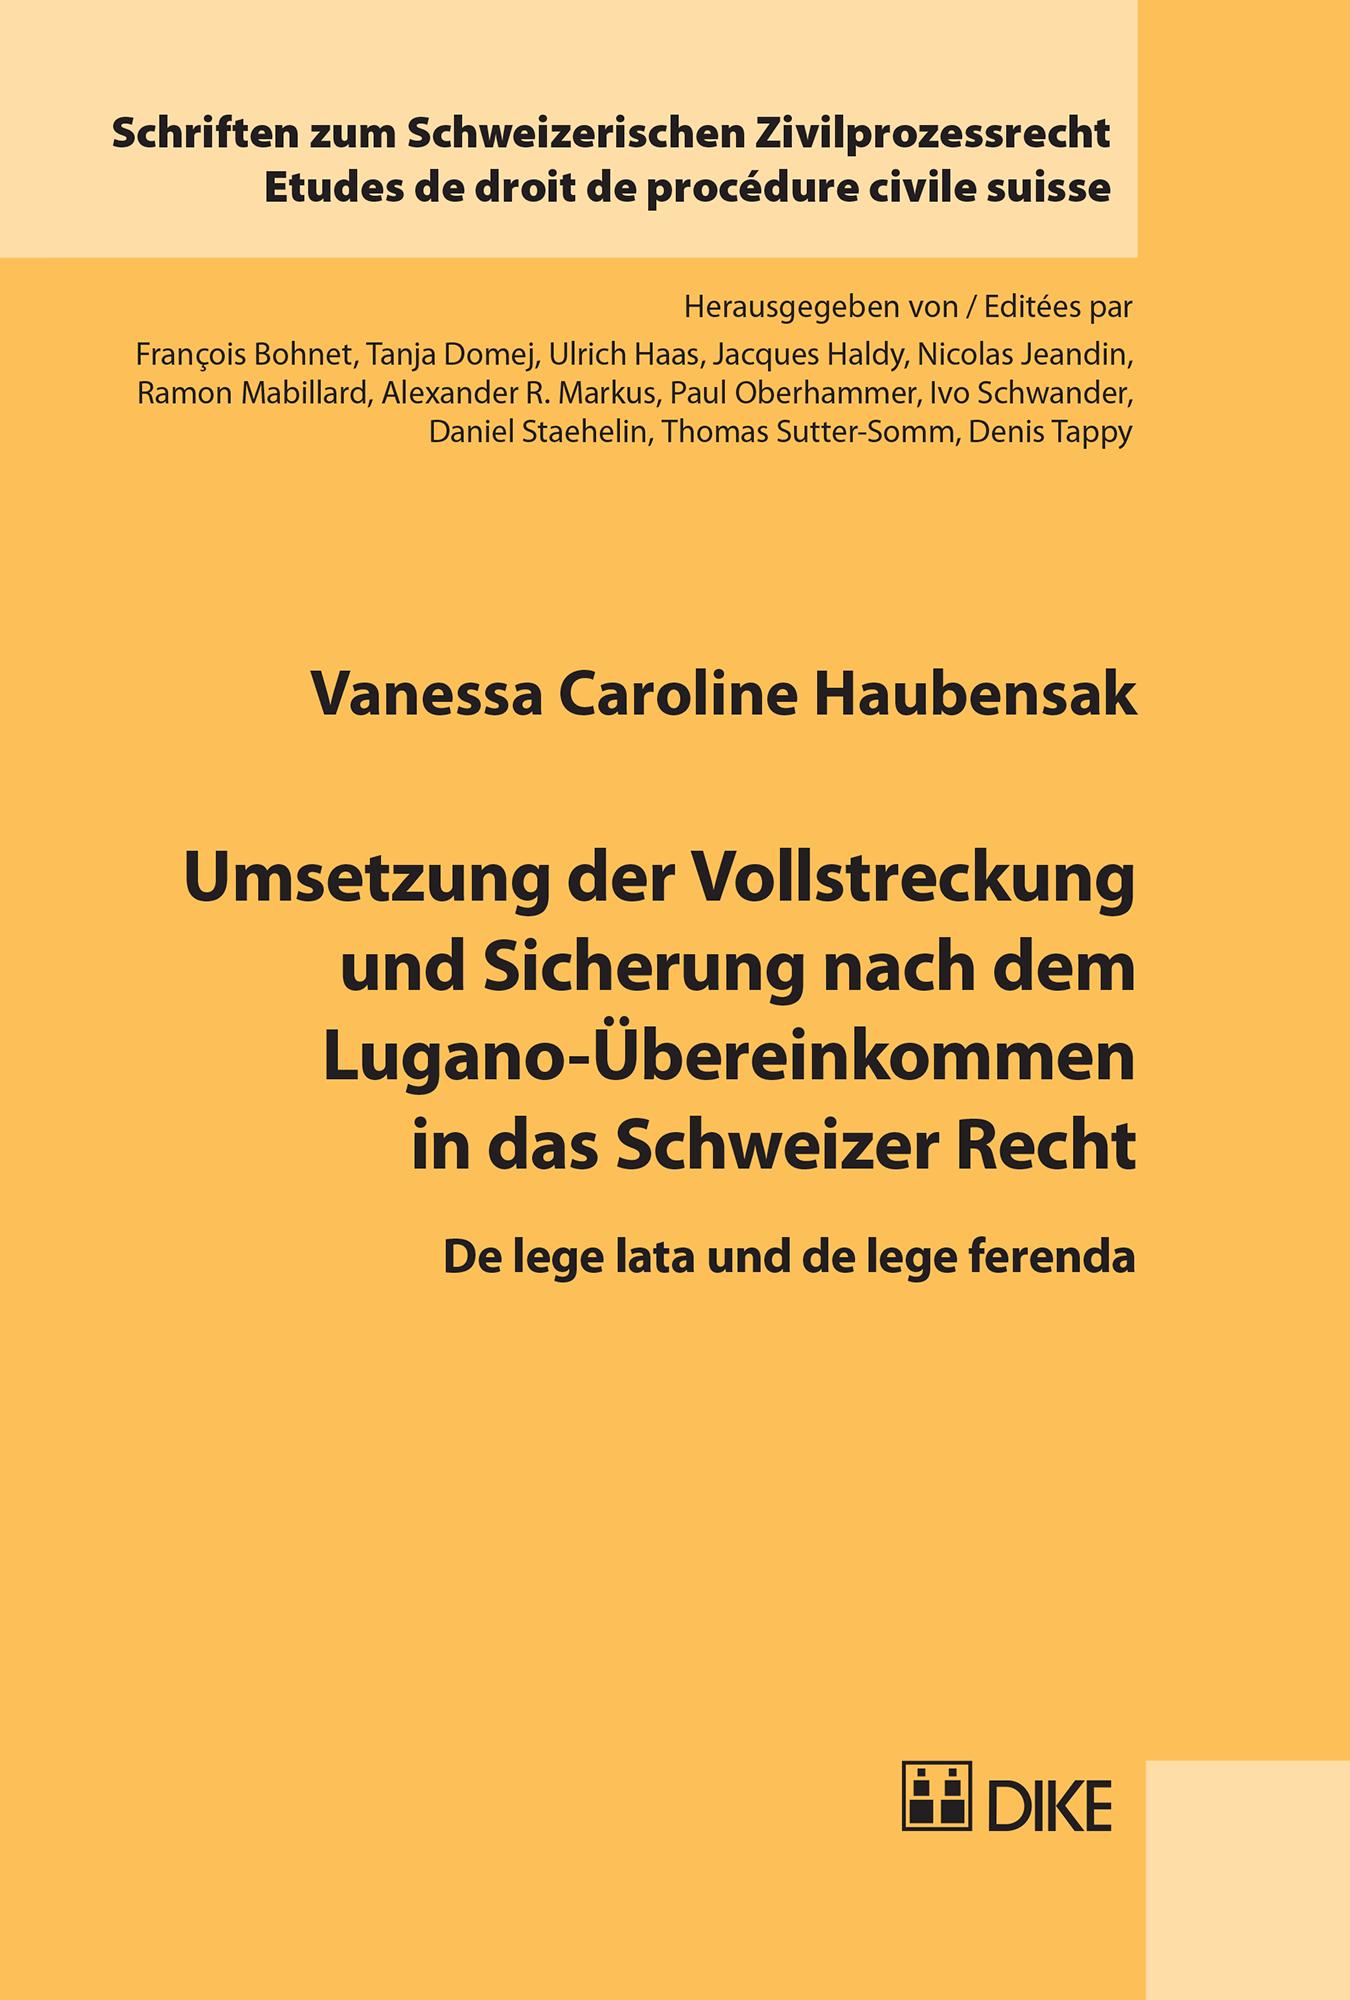 Umsetzung der Vollstreckung und Sicherung nach dem Lugano-Übereinkommen in das Schweizer Recht